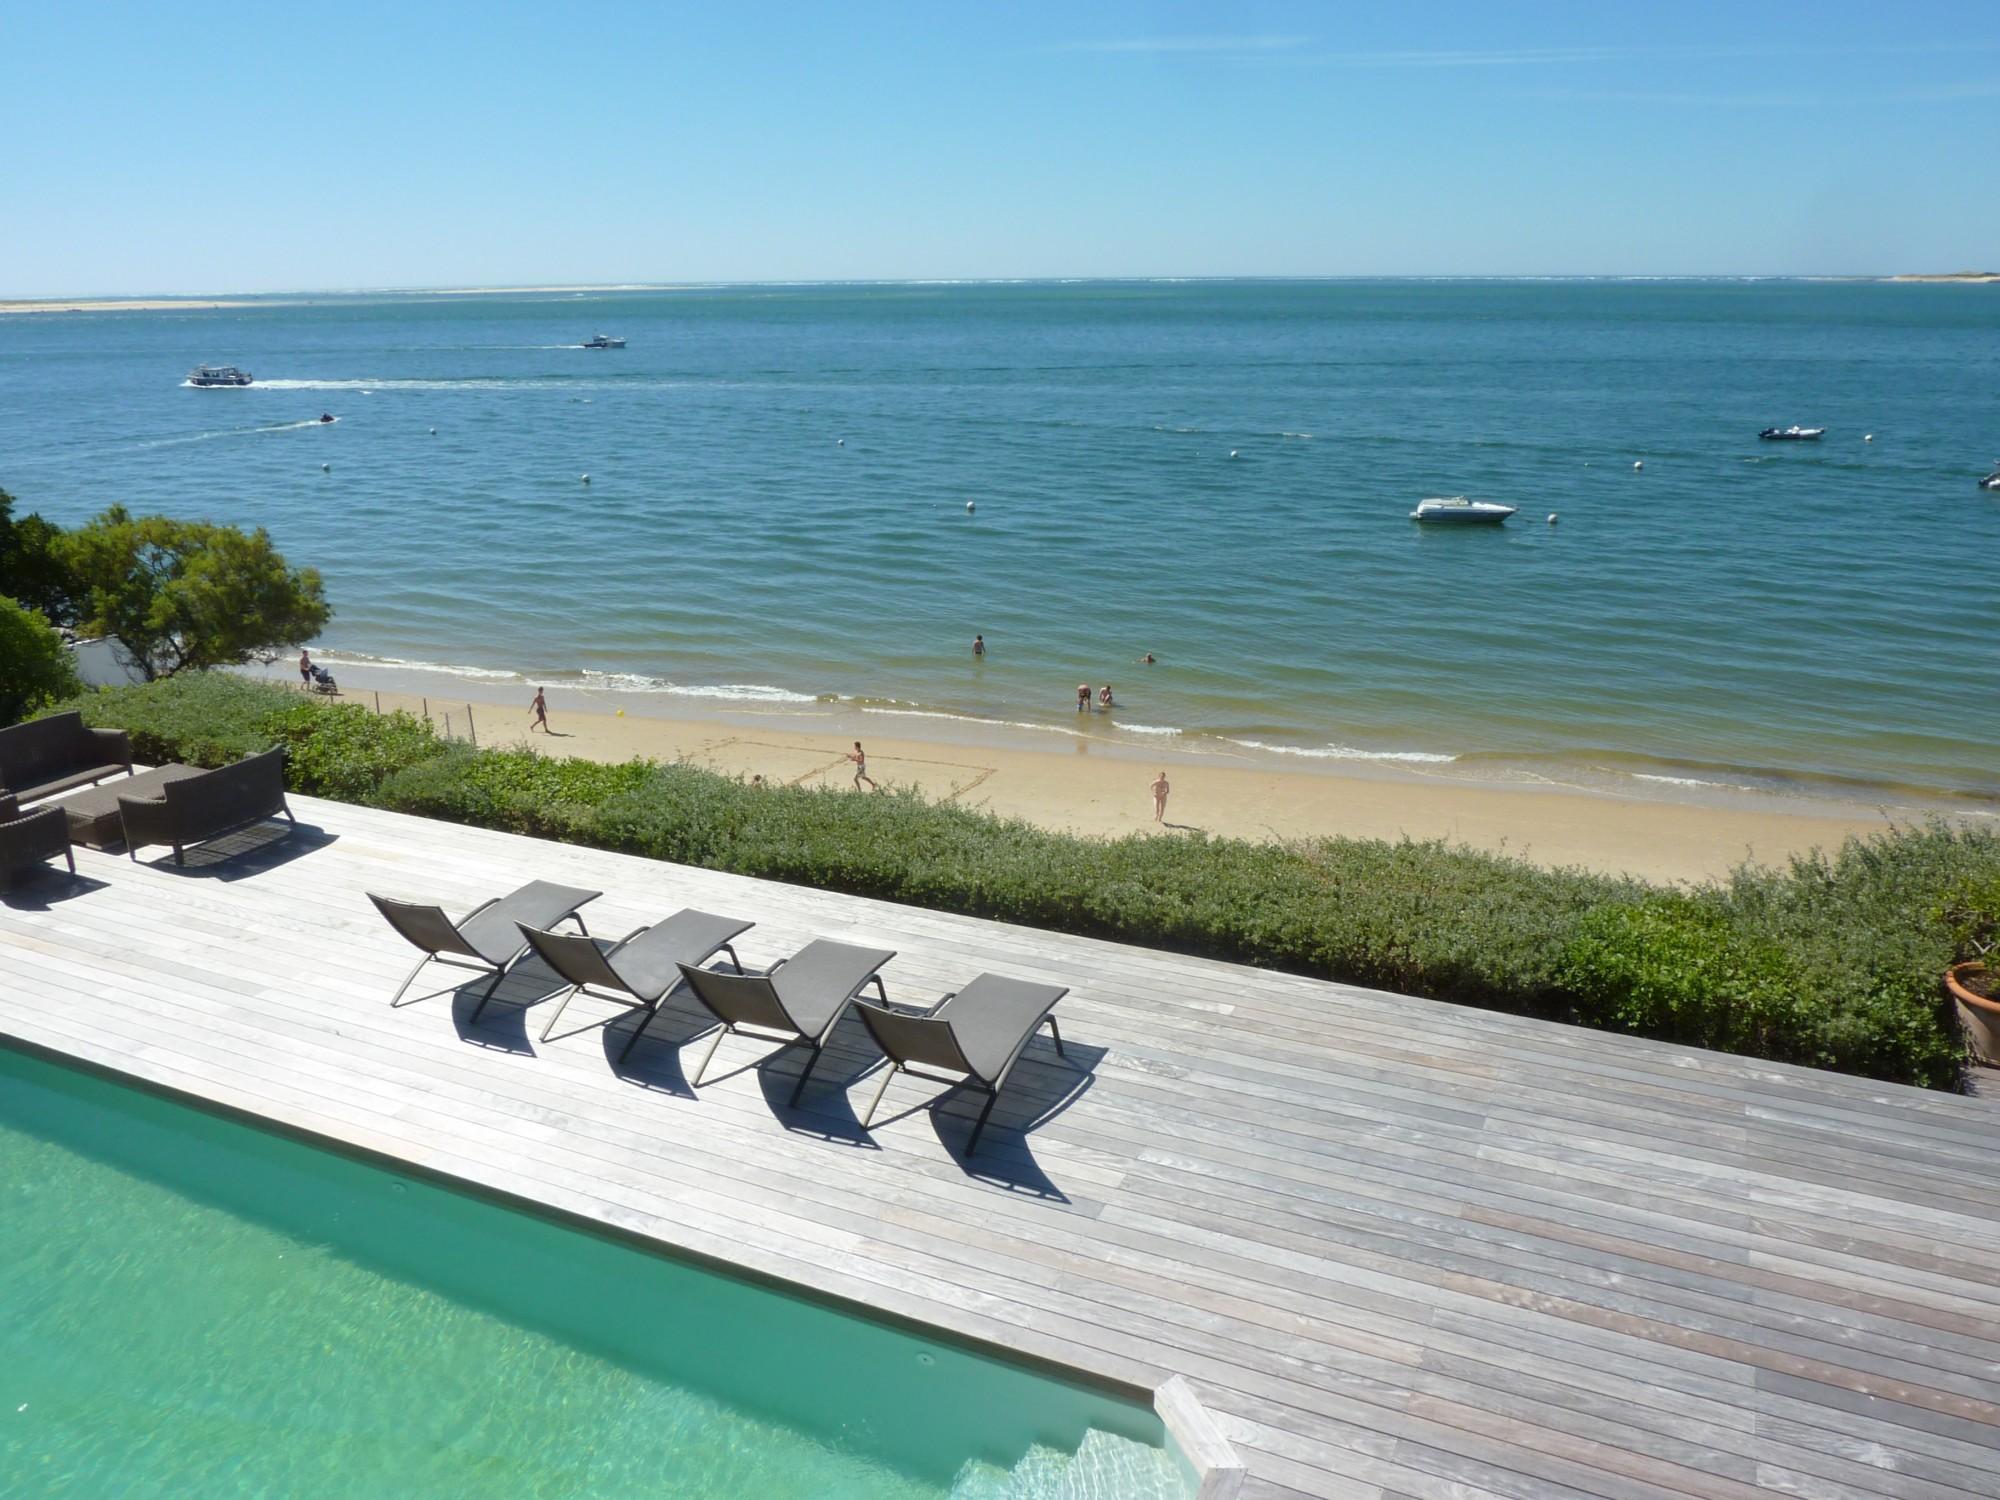 habiter au pyla sur mer rechercher et acheter une. Black Bedroom Furniture Sets. Home Design Ideas